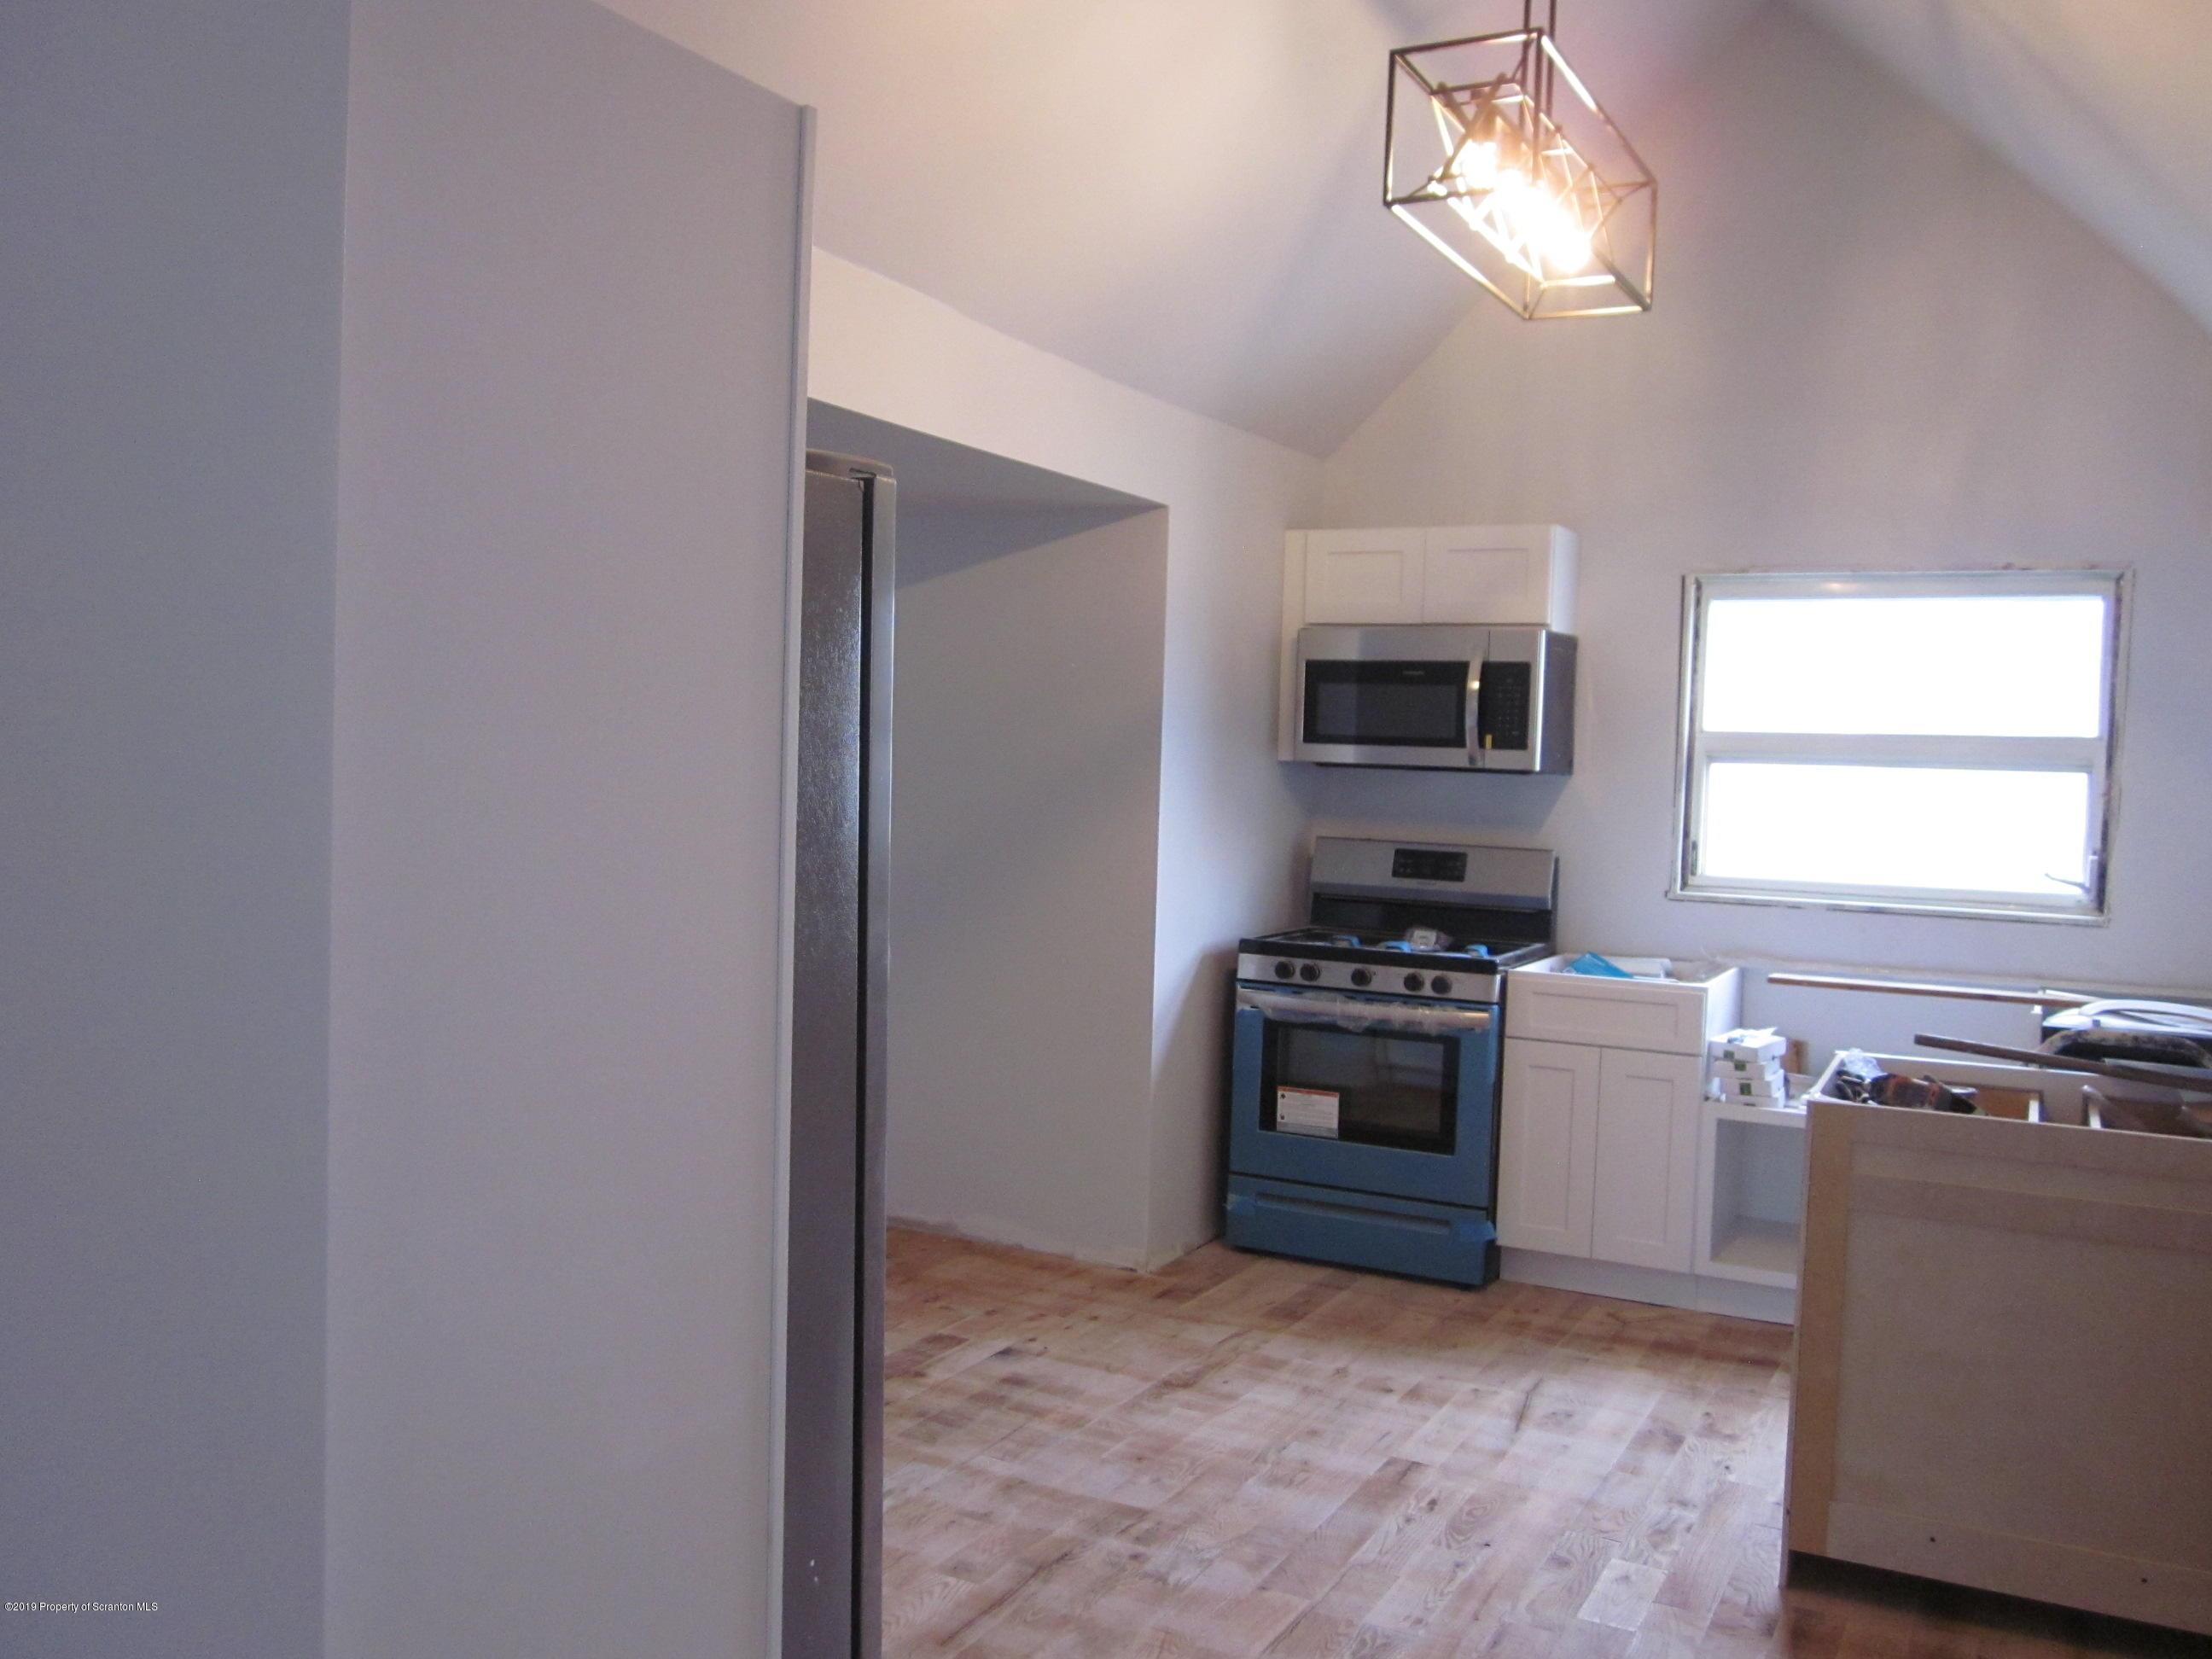 1311 Dartmouth St, Scranton, Pennsylvania 18504, 3 Bedrooms Bedrooms, 6 Rooms Rooms,2 BathroomsBathrooms,Single Family,For Sale,Dartmouth,19-4746